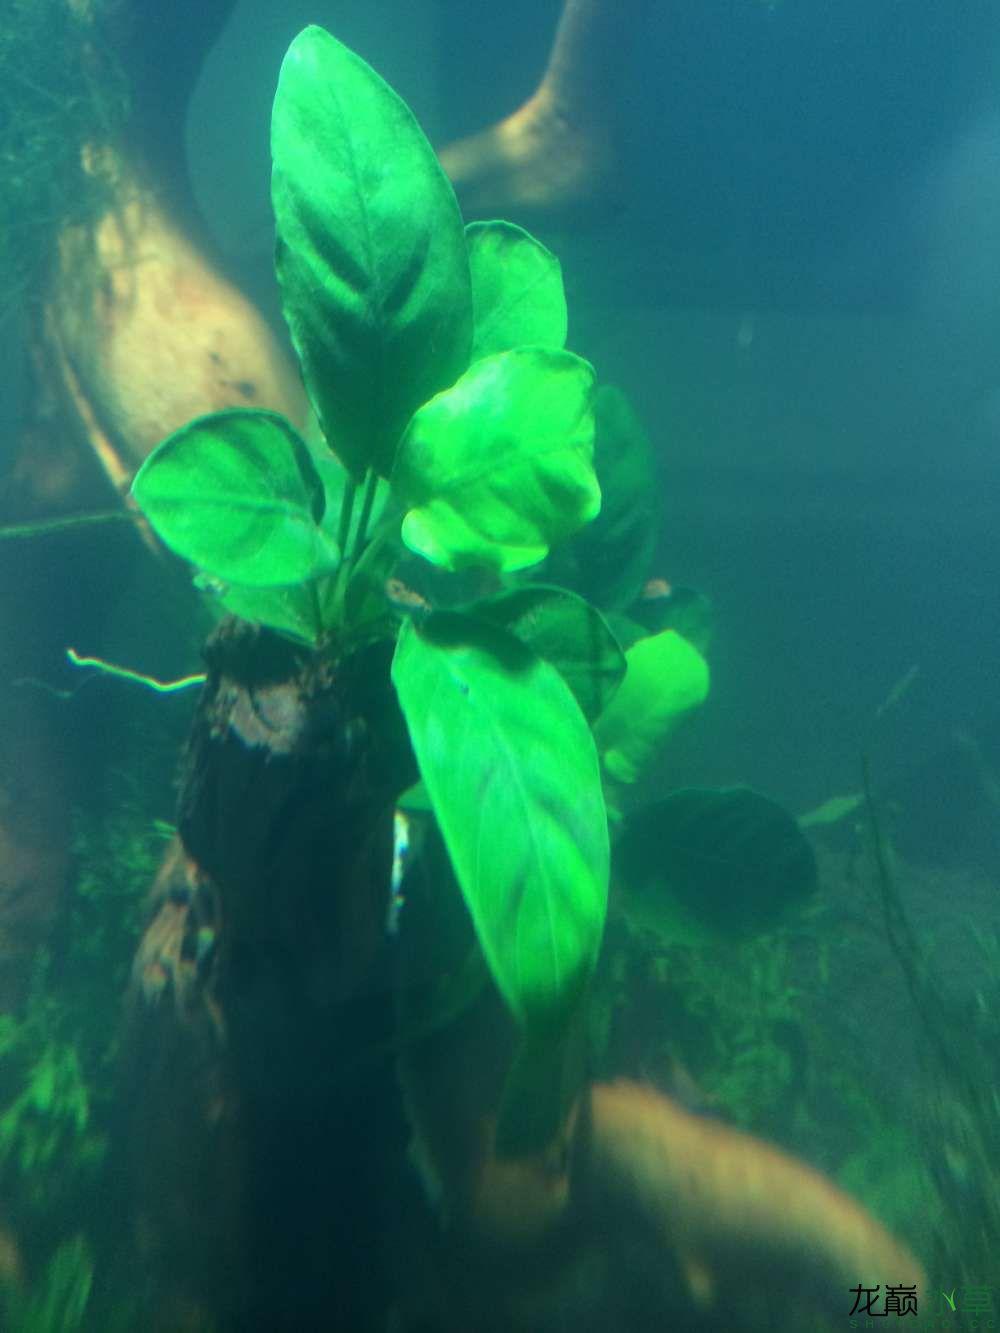 这几种水草都叫什么啊?搭配吗? 乌鲁木齐水族批发市场 乌鲁木齐龙鱼第5张